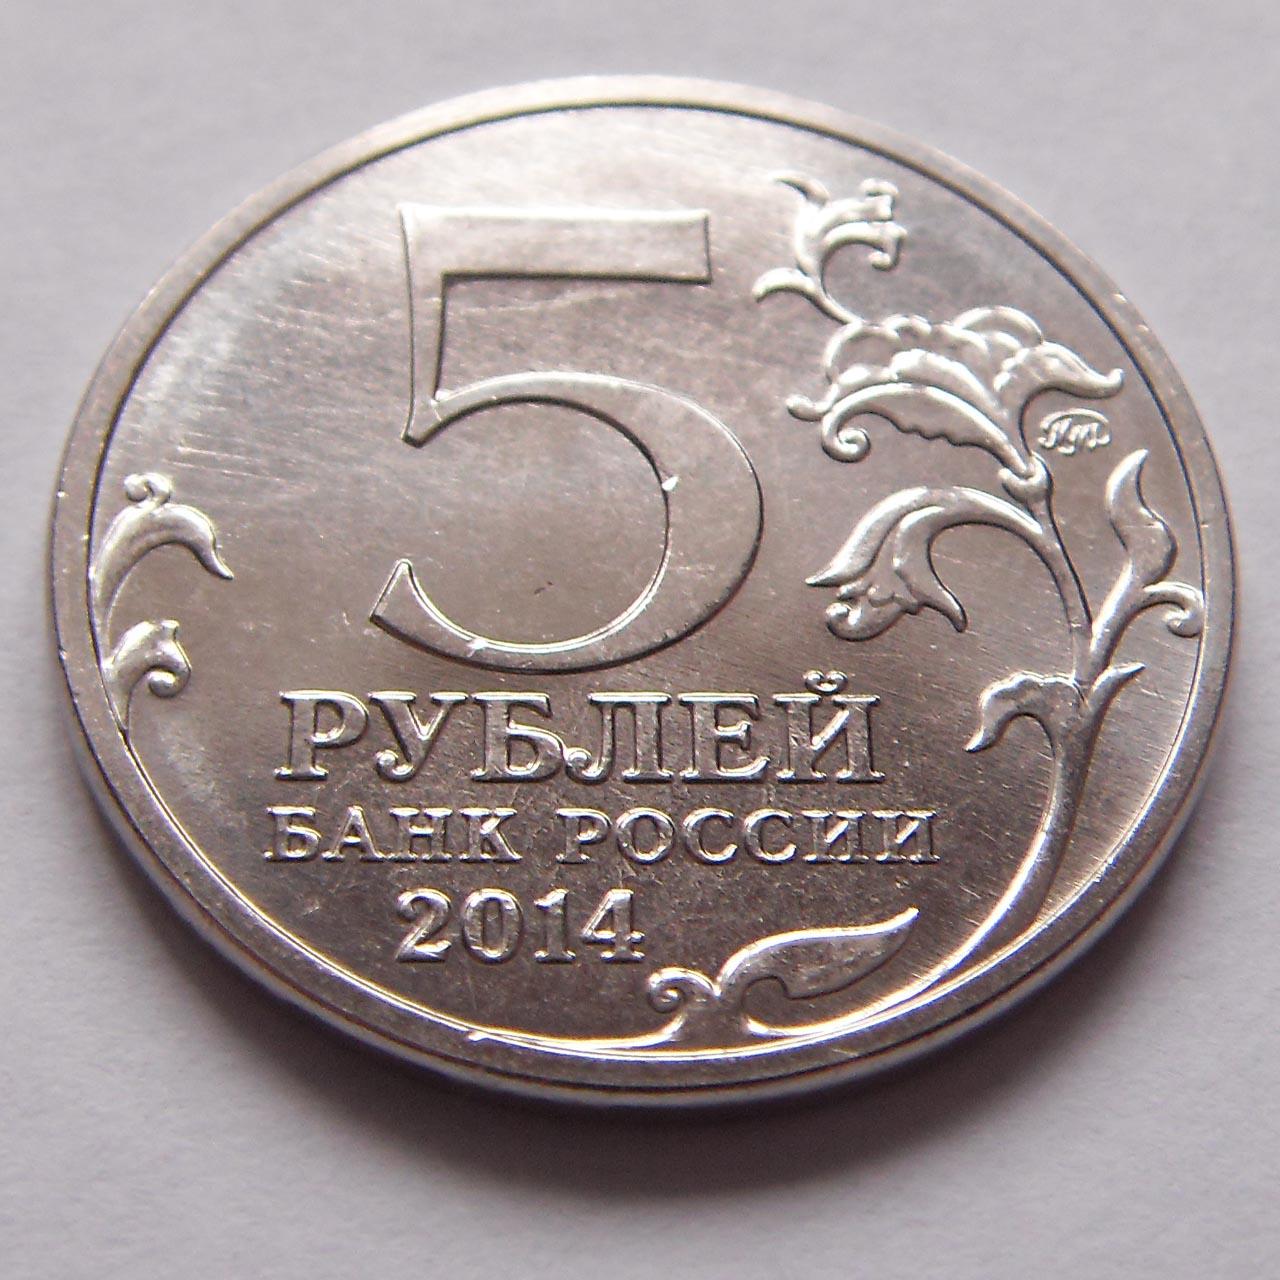 Монета 5 рублей белорусская операция цена платить той же монетой предложение